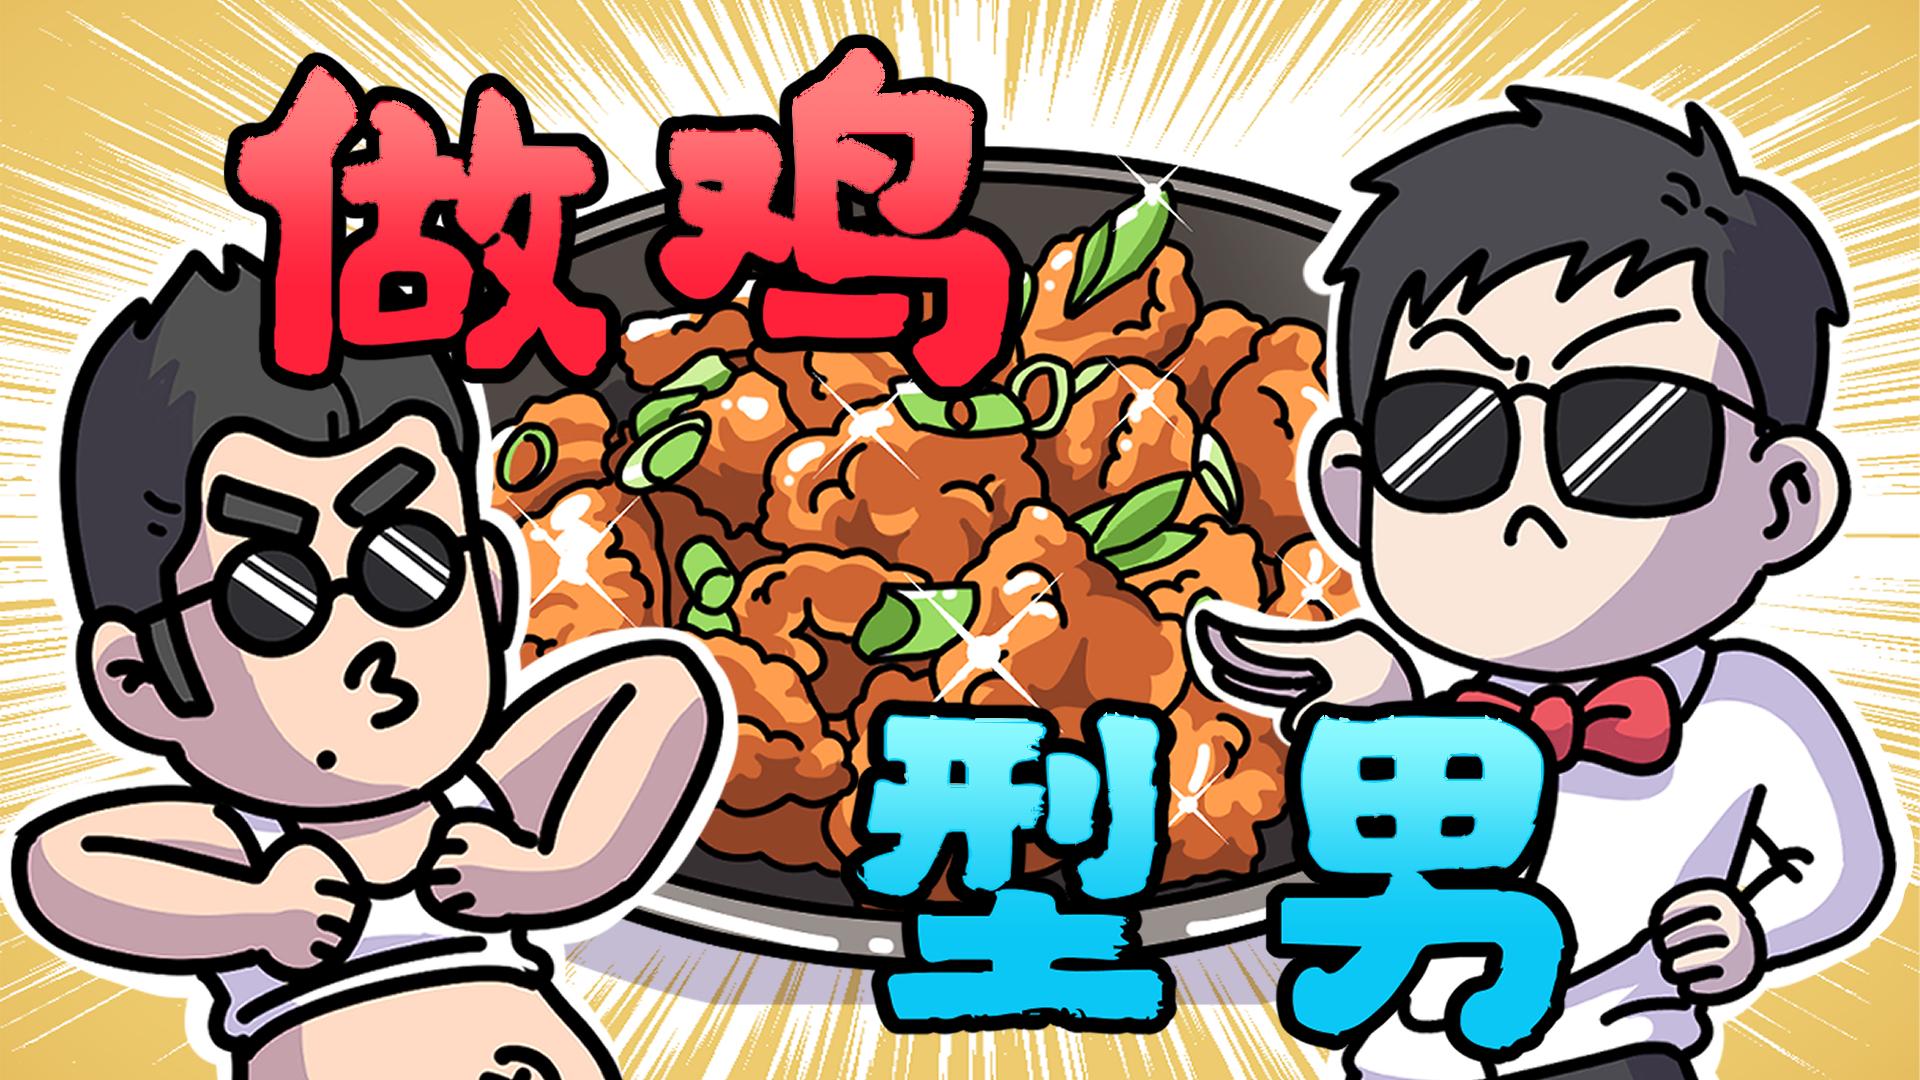 这道湖南菜很有名,但找遍湘菜馆却找不到